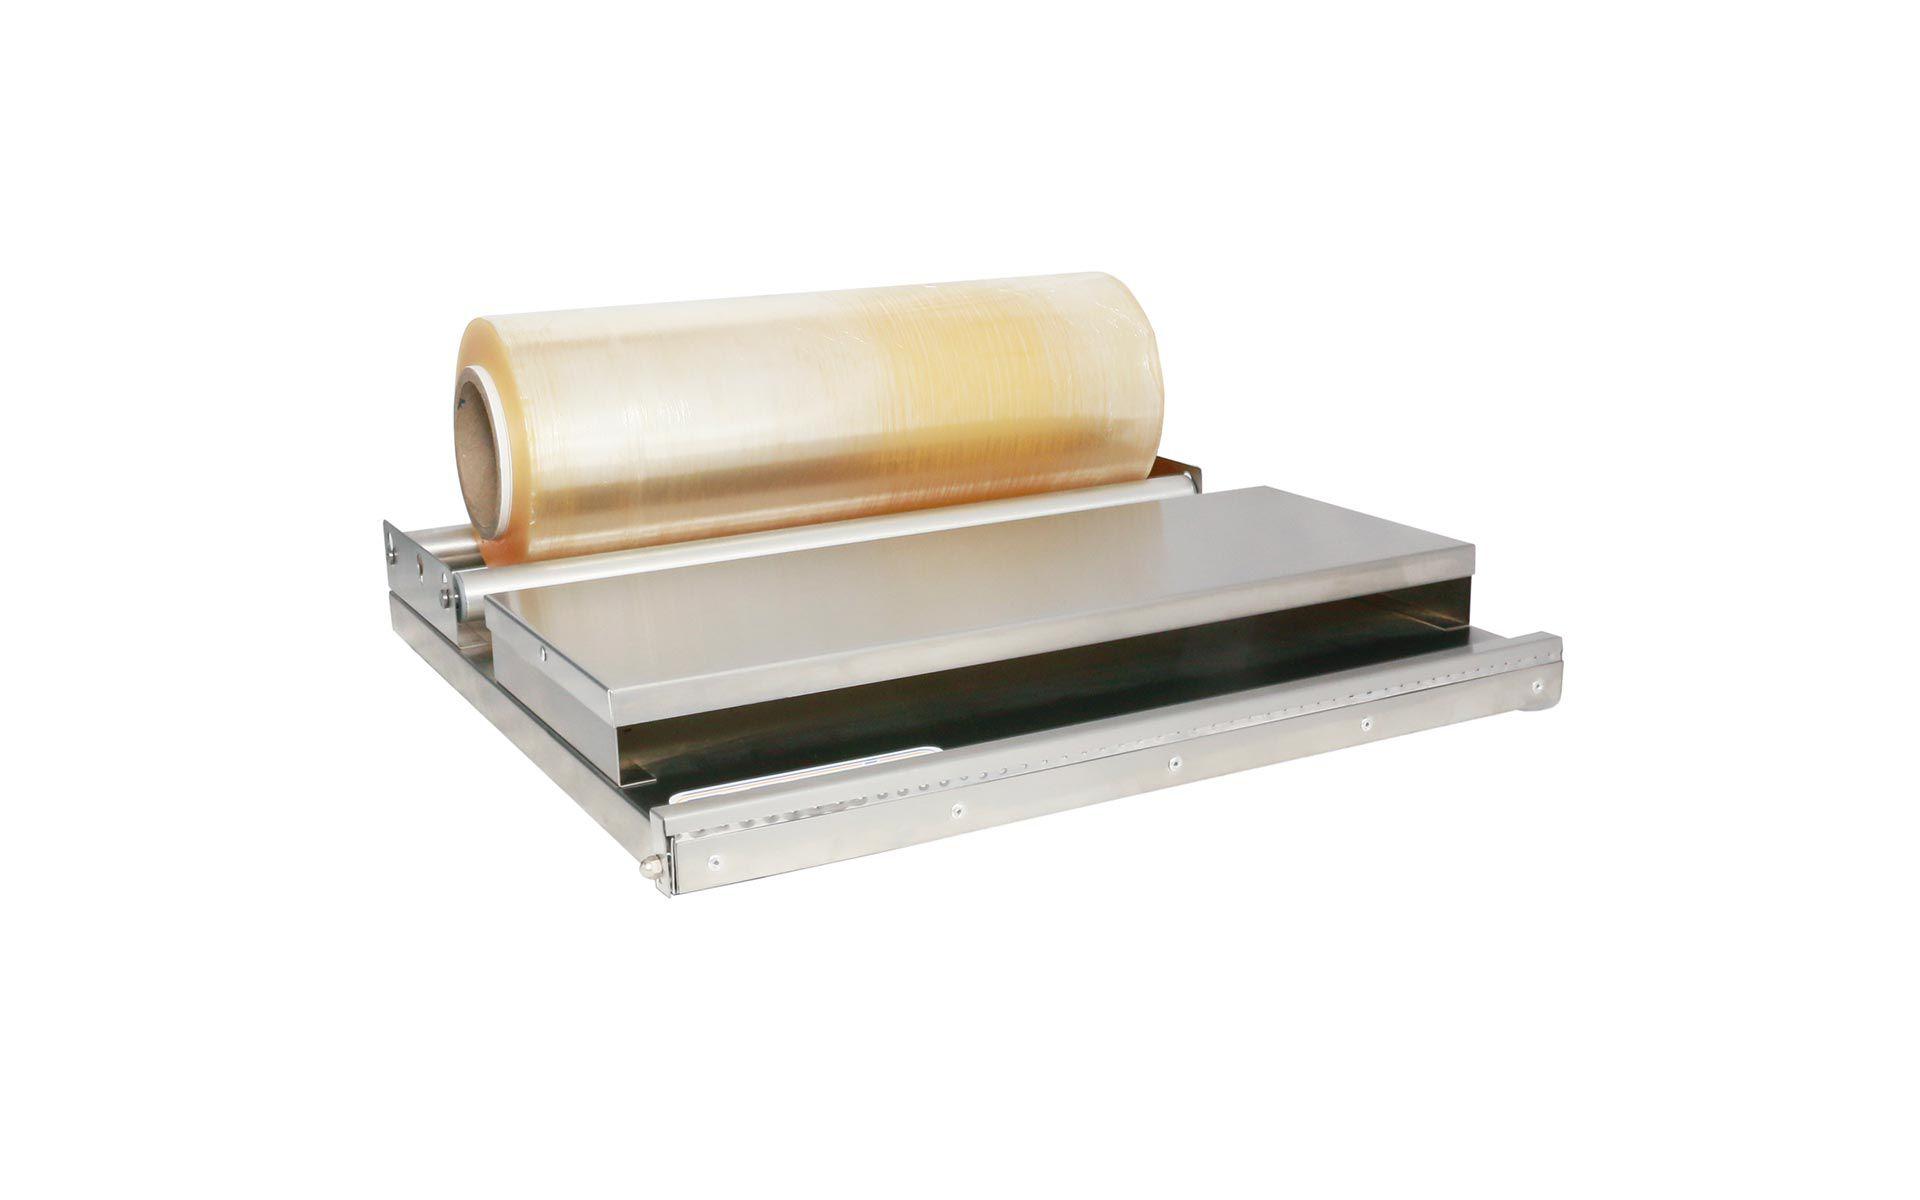 Embaladora para Filmes EMBALAFIL Compacta Corte Frio - R.Baião